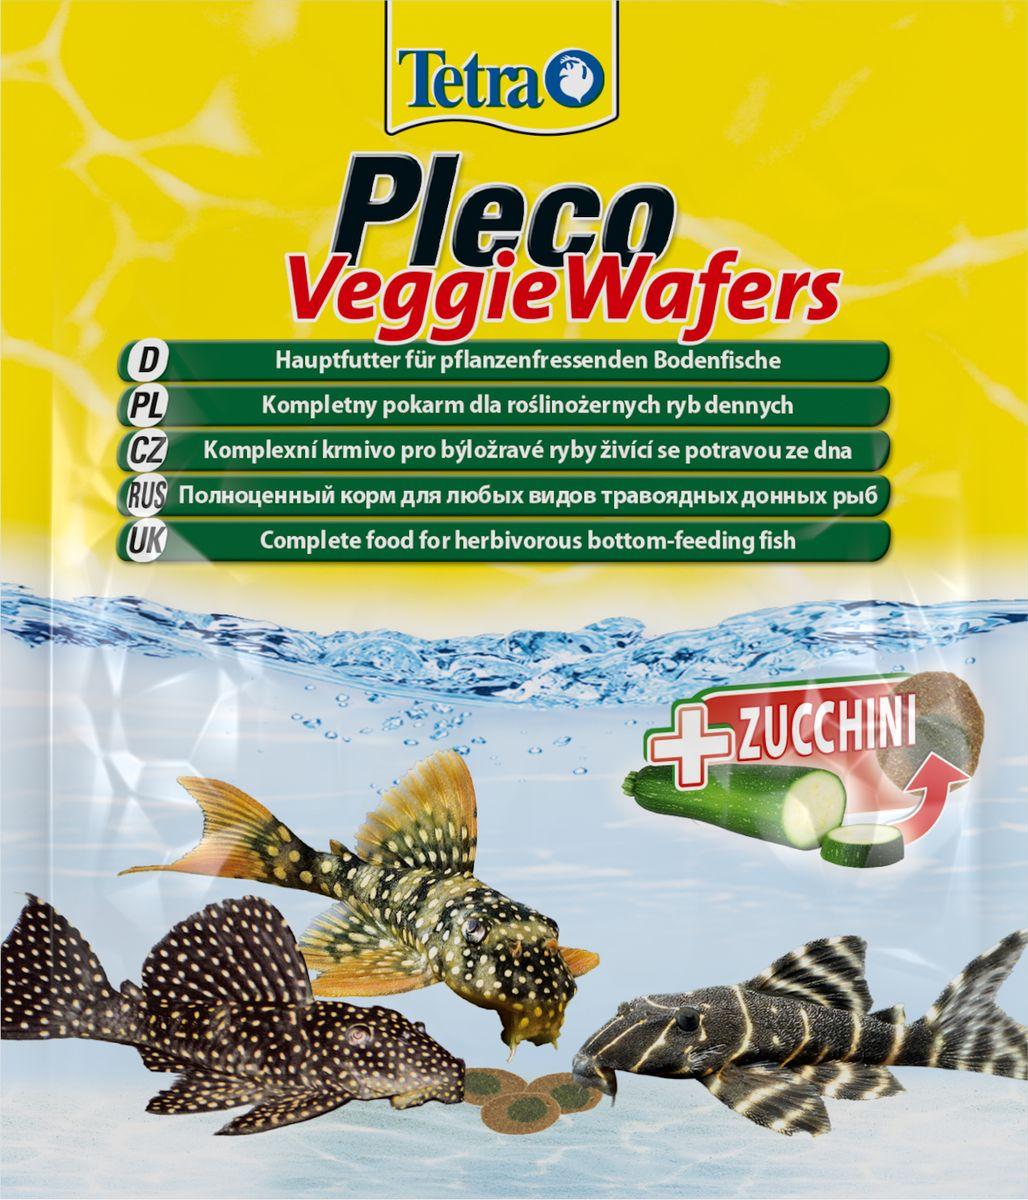 Корм Tetra Pleco Veggie Waffers, для донных рыб, с добавлением цуккини, пластинки, 15 г257313На 100% растительный полноценный корм премиум-класса, Обеспечит оптимальное питание для донных рыб. Цукини богат минералами для улучшения сомачувствия и поддержания жизненных сил рыб. Содержит волокна, необходимые для легкого переваривания. Благодаря твердой консистенции пластинки не загрязняют воду.